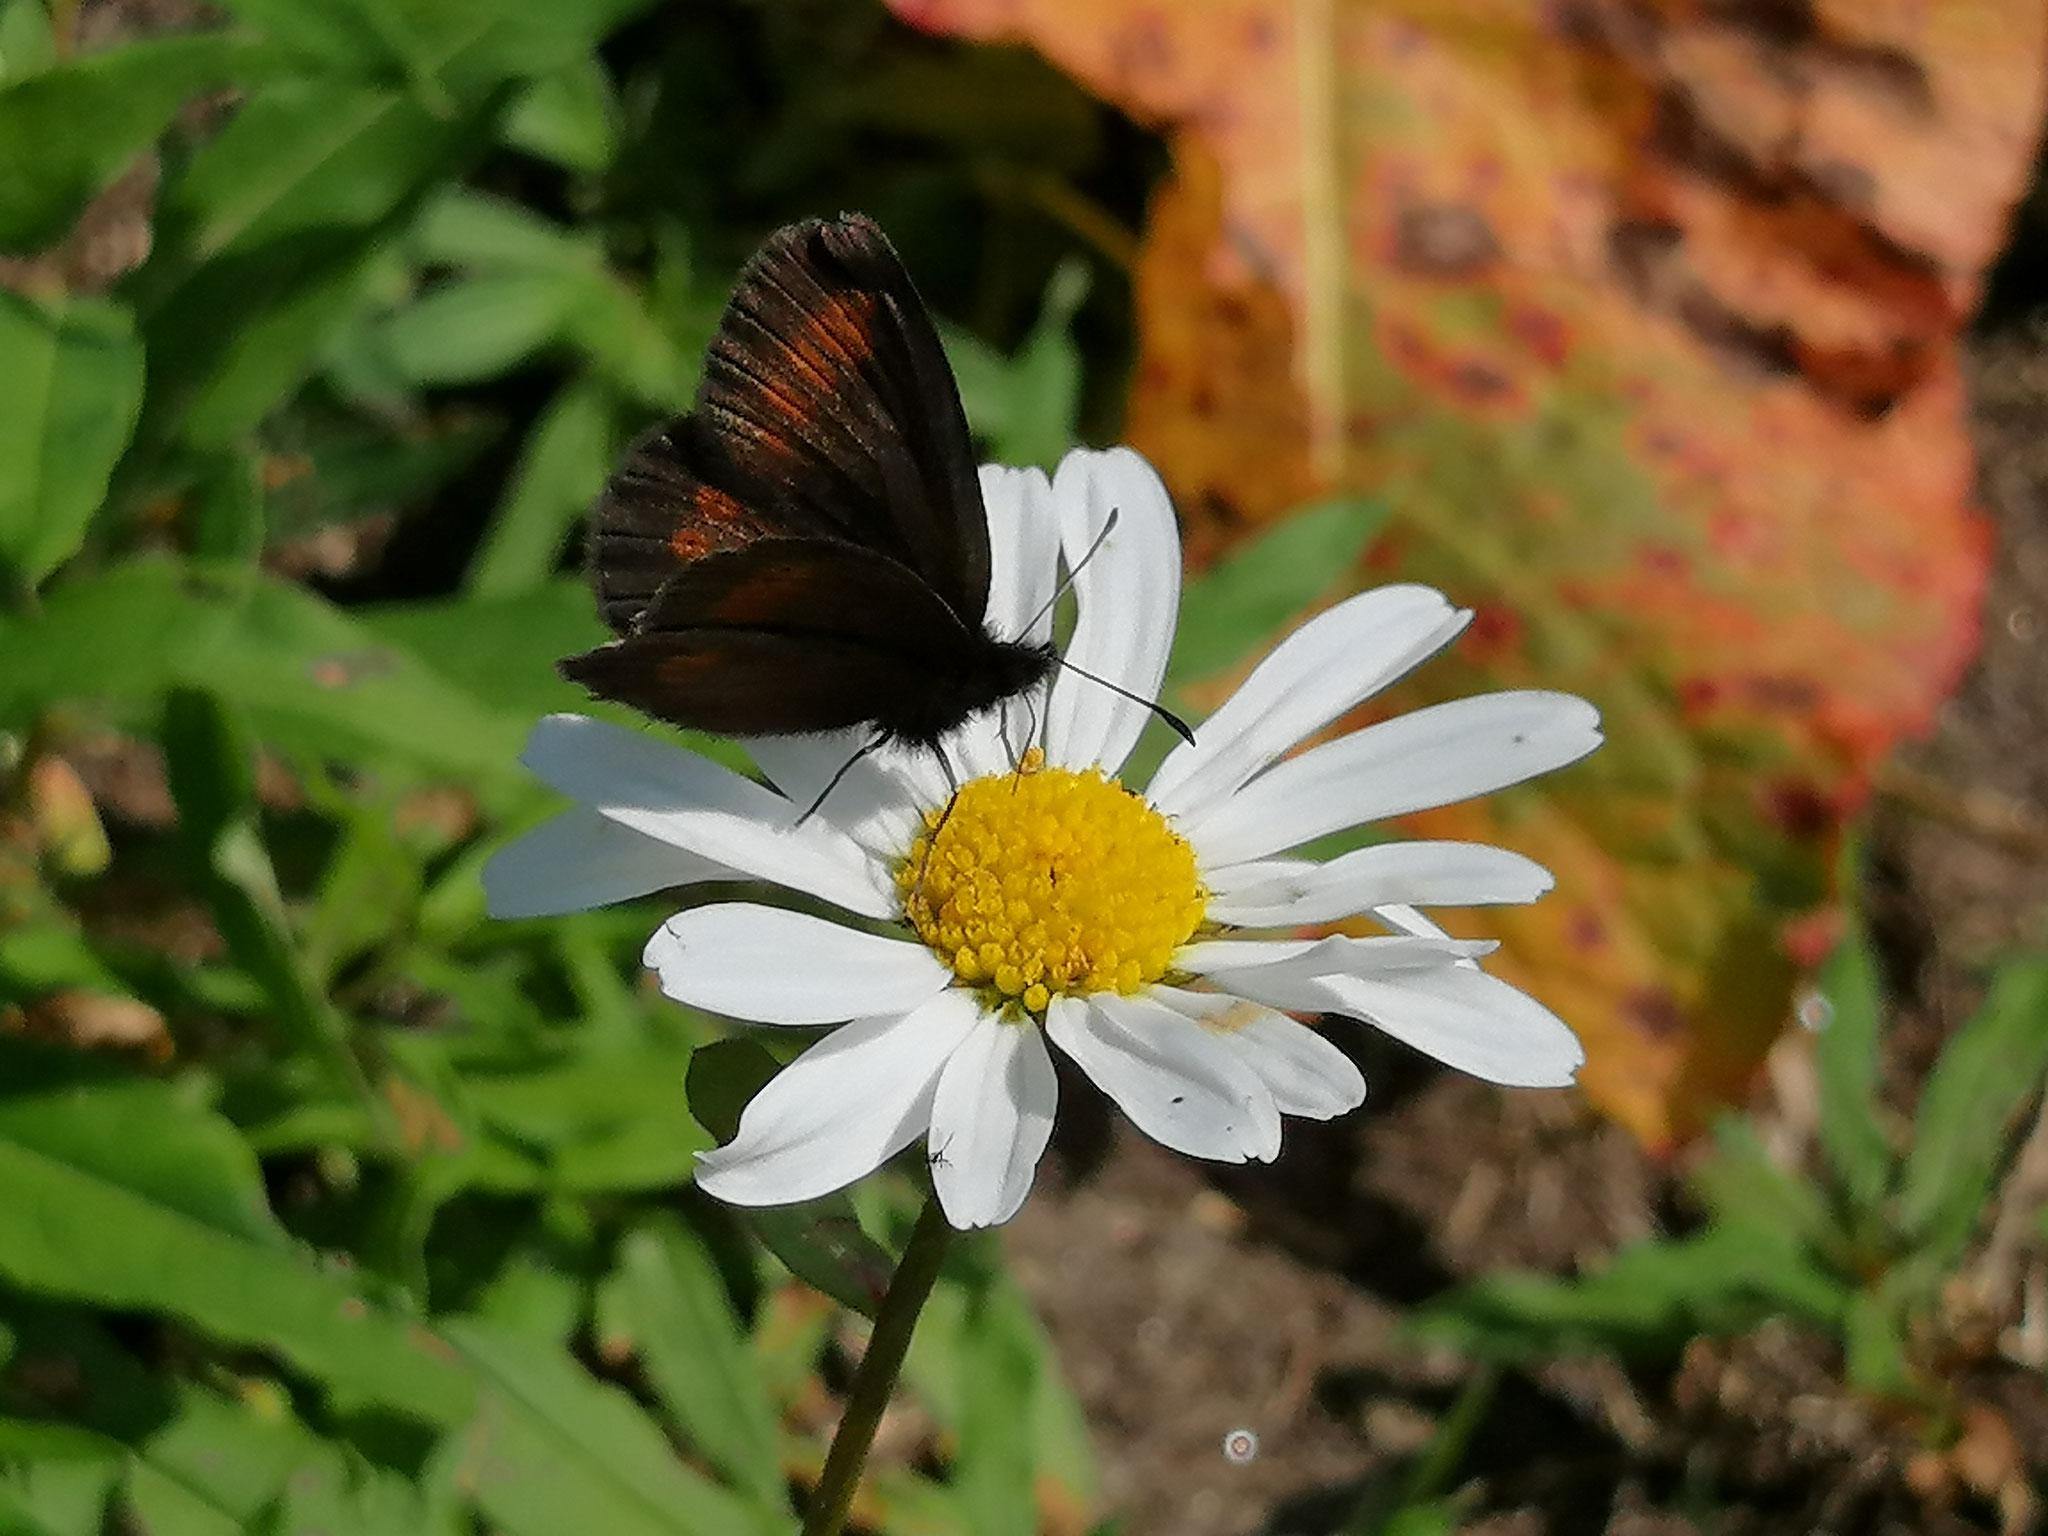 Margrithe mit Schmetterling